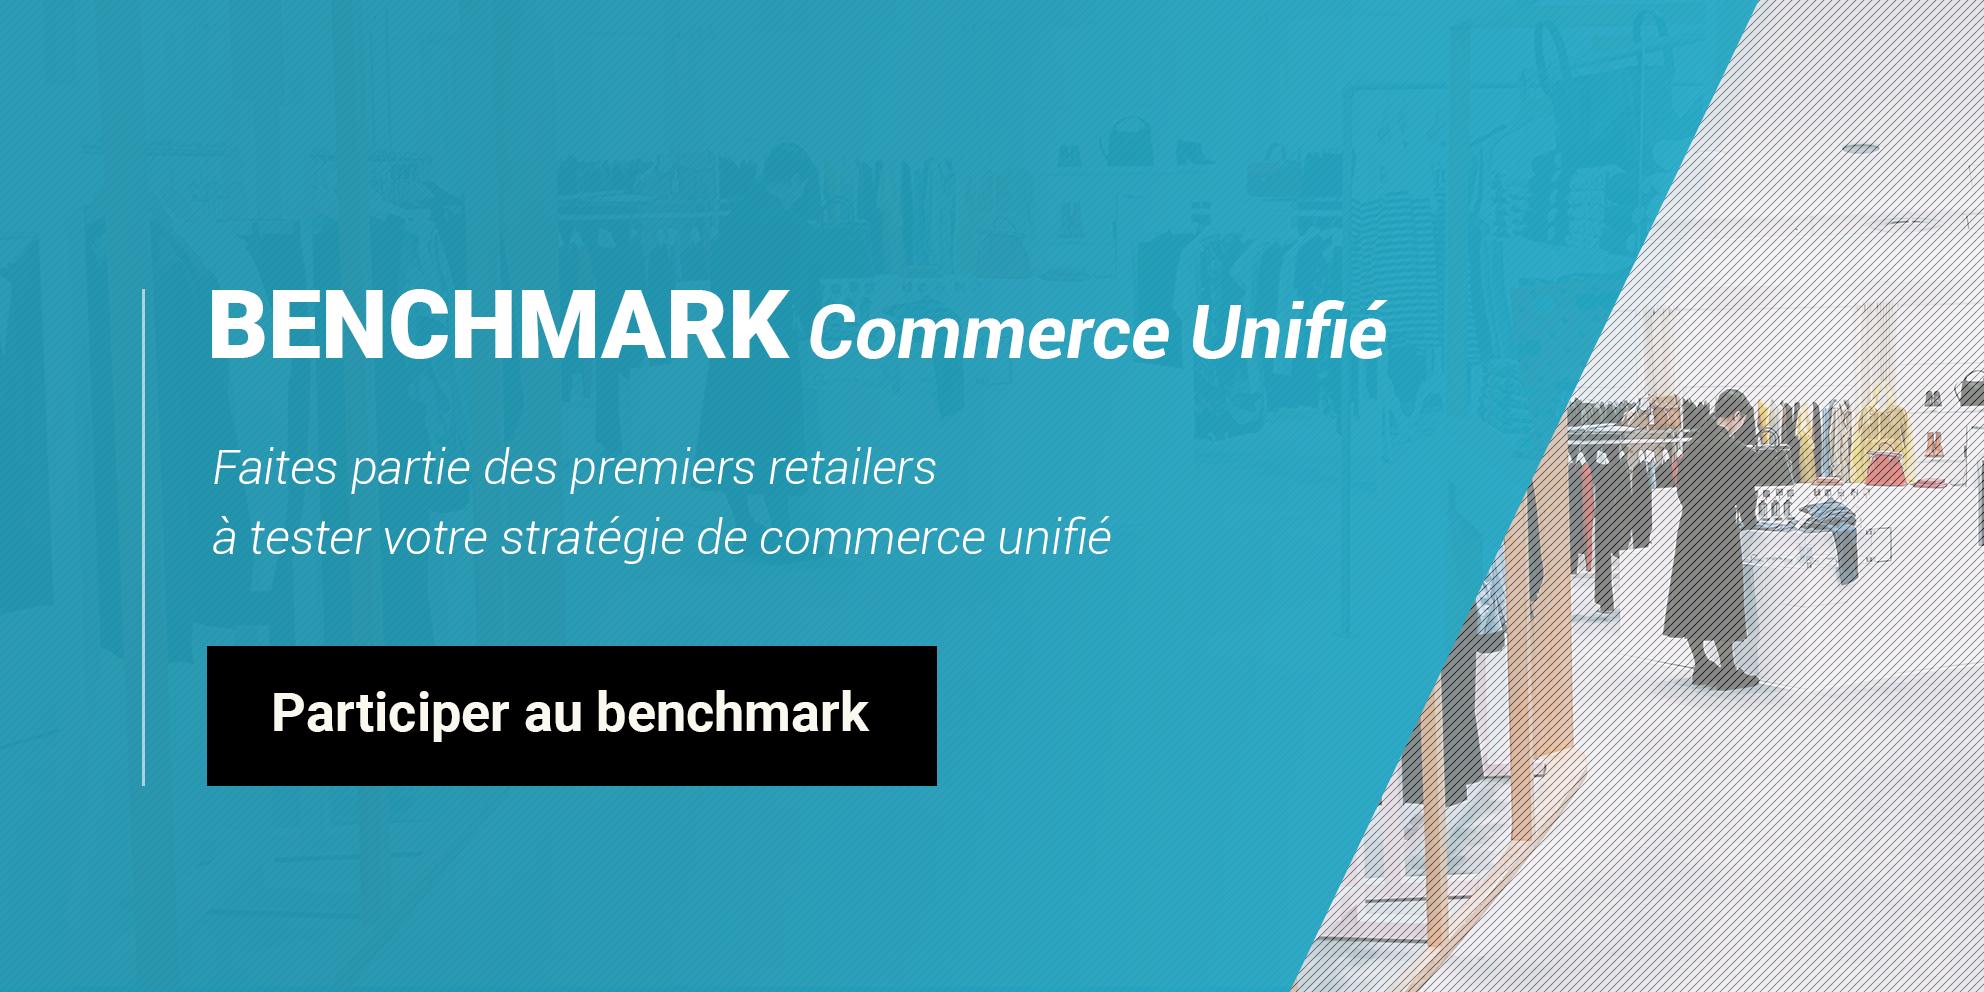 Benchmark du Commerce Unifié